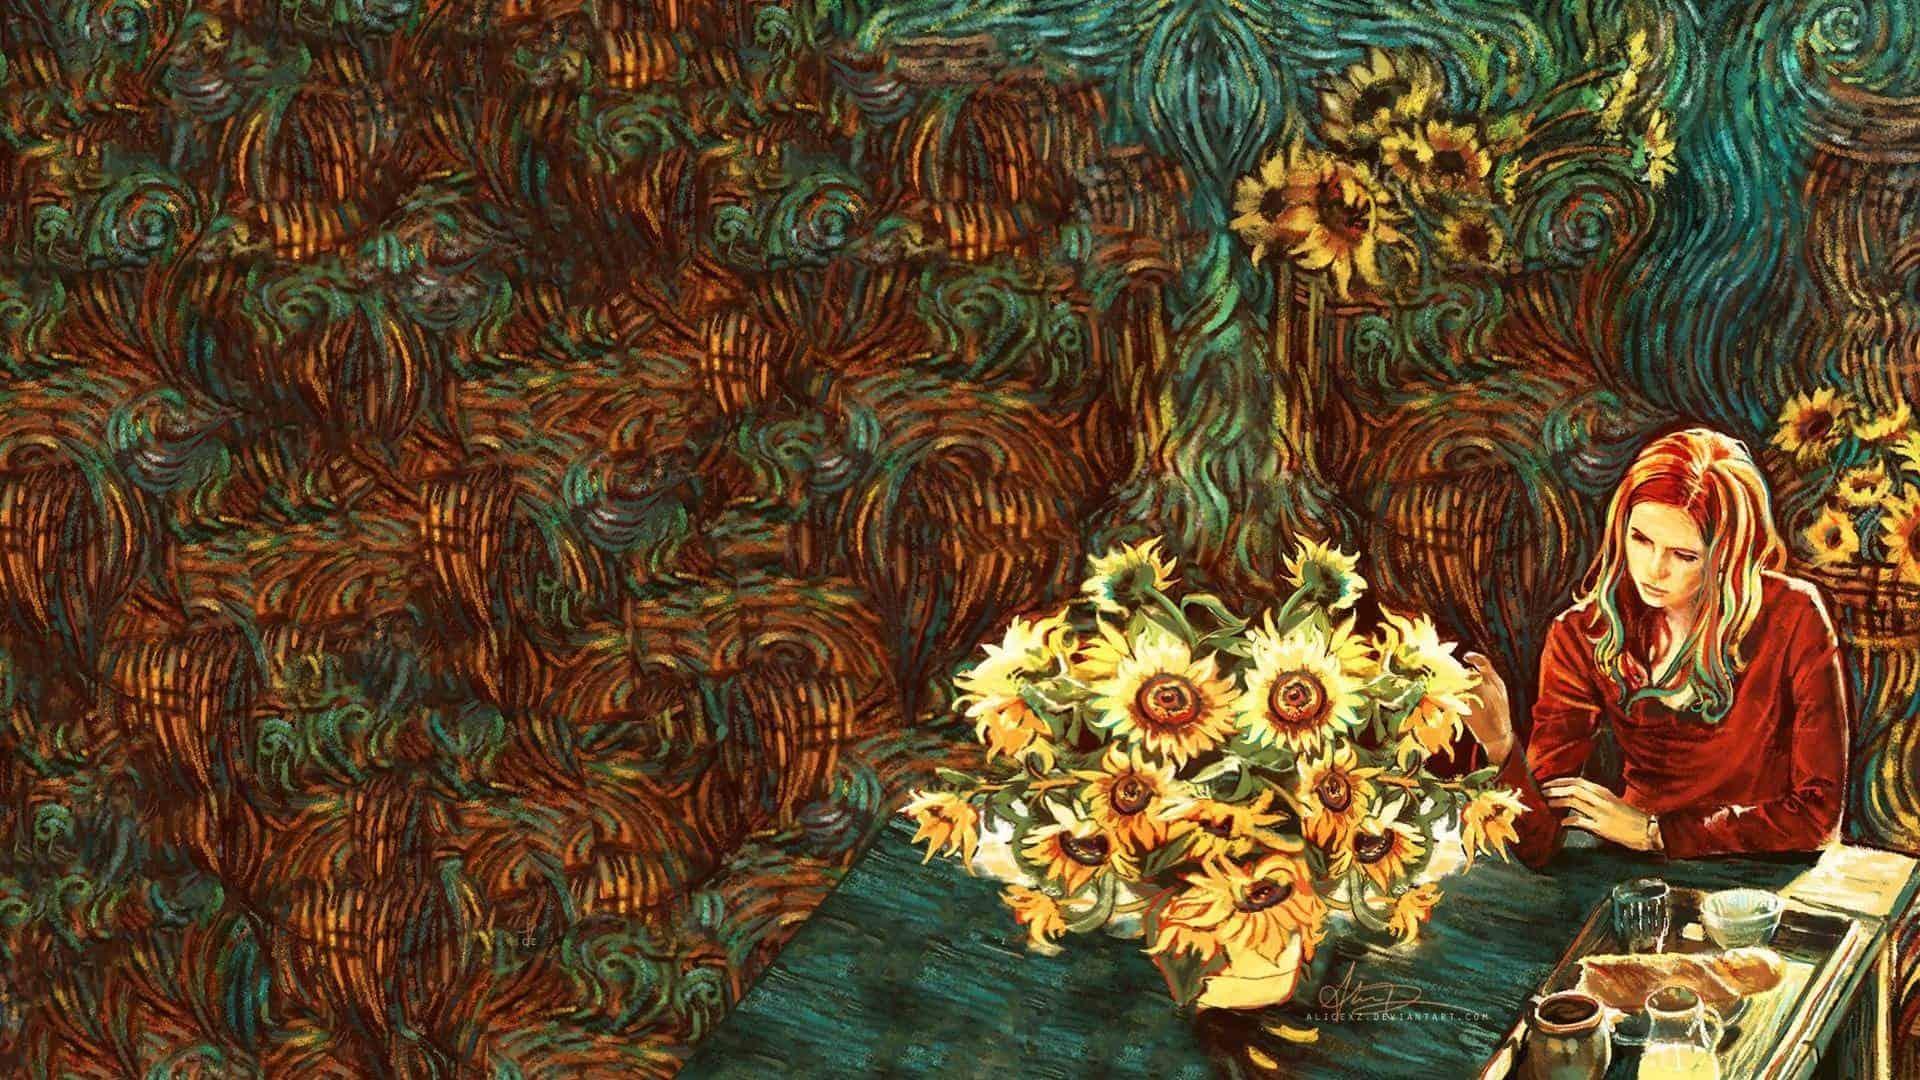 Vincent Van Gogh y Dr who, tocando emociones.